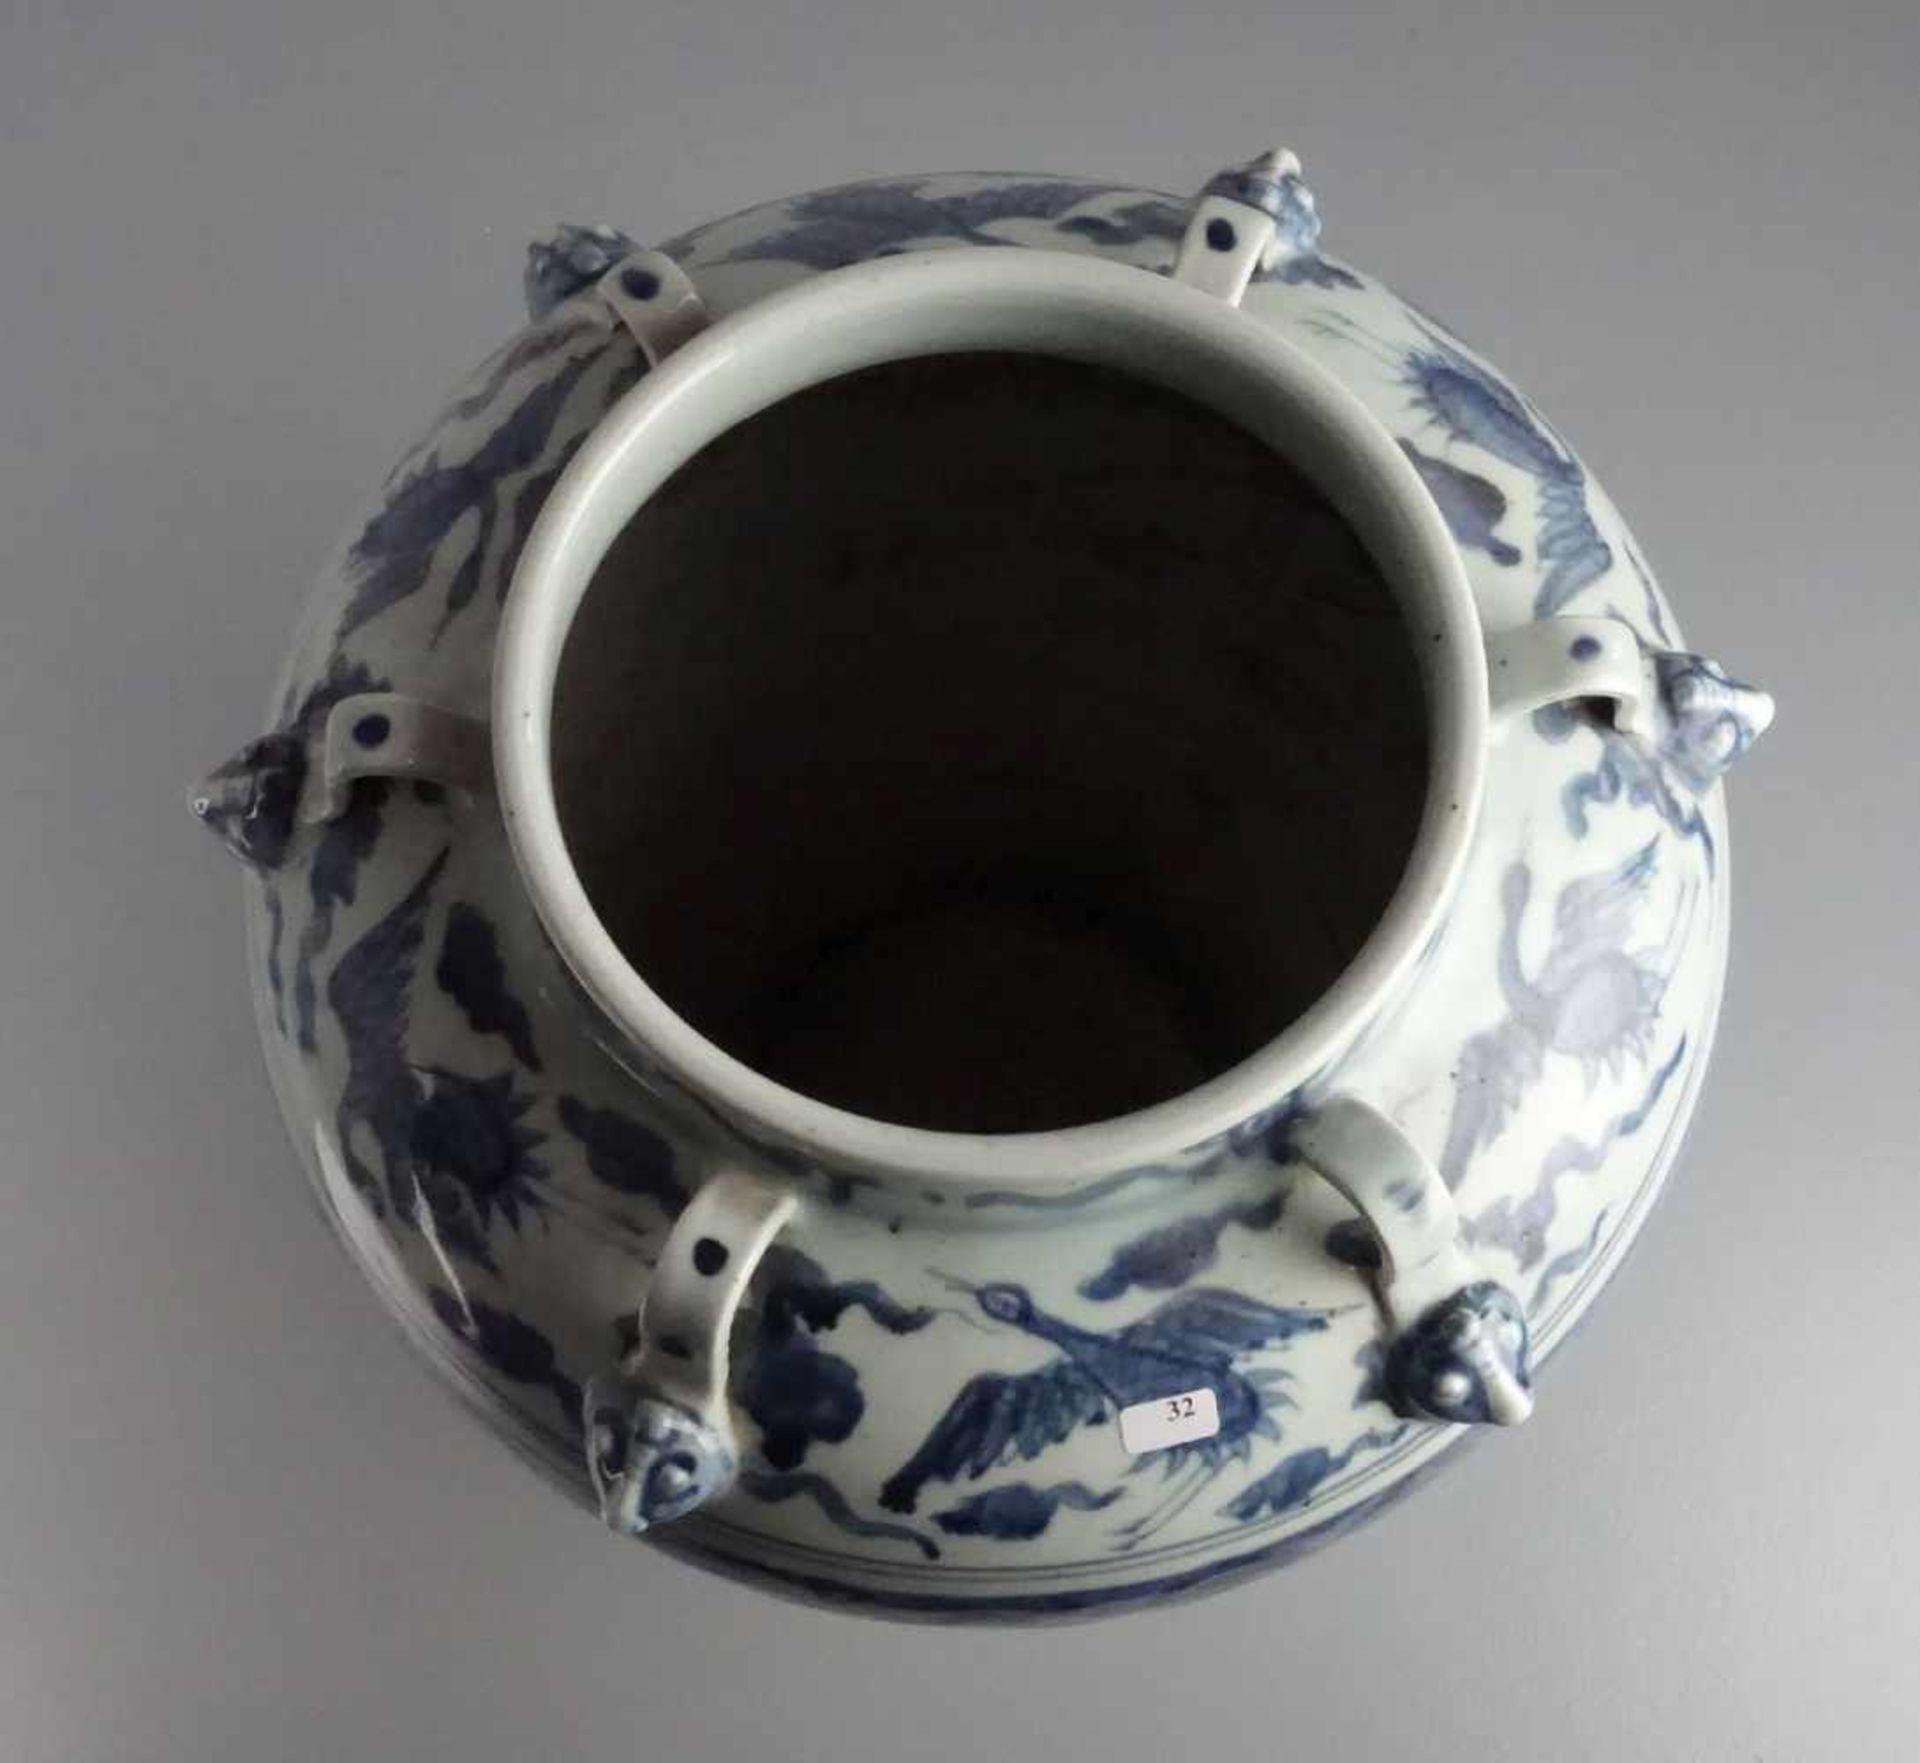 Los 594 - CHINESISCHE VASE, Porzellan (ungemarkt), späte Qing Dynastie / chinese vase, late Qing dynasty....